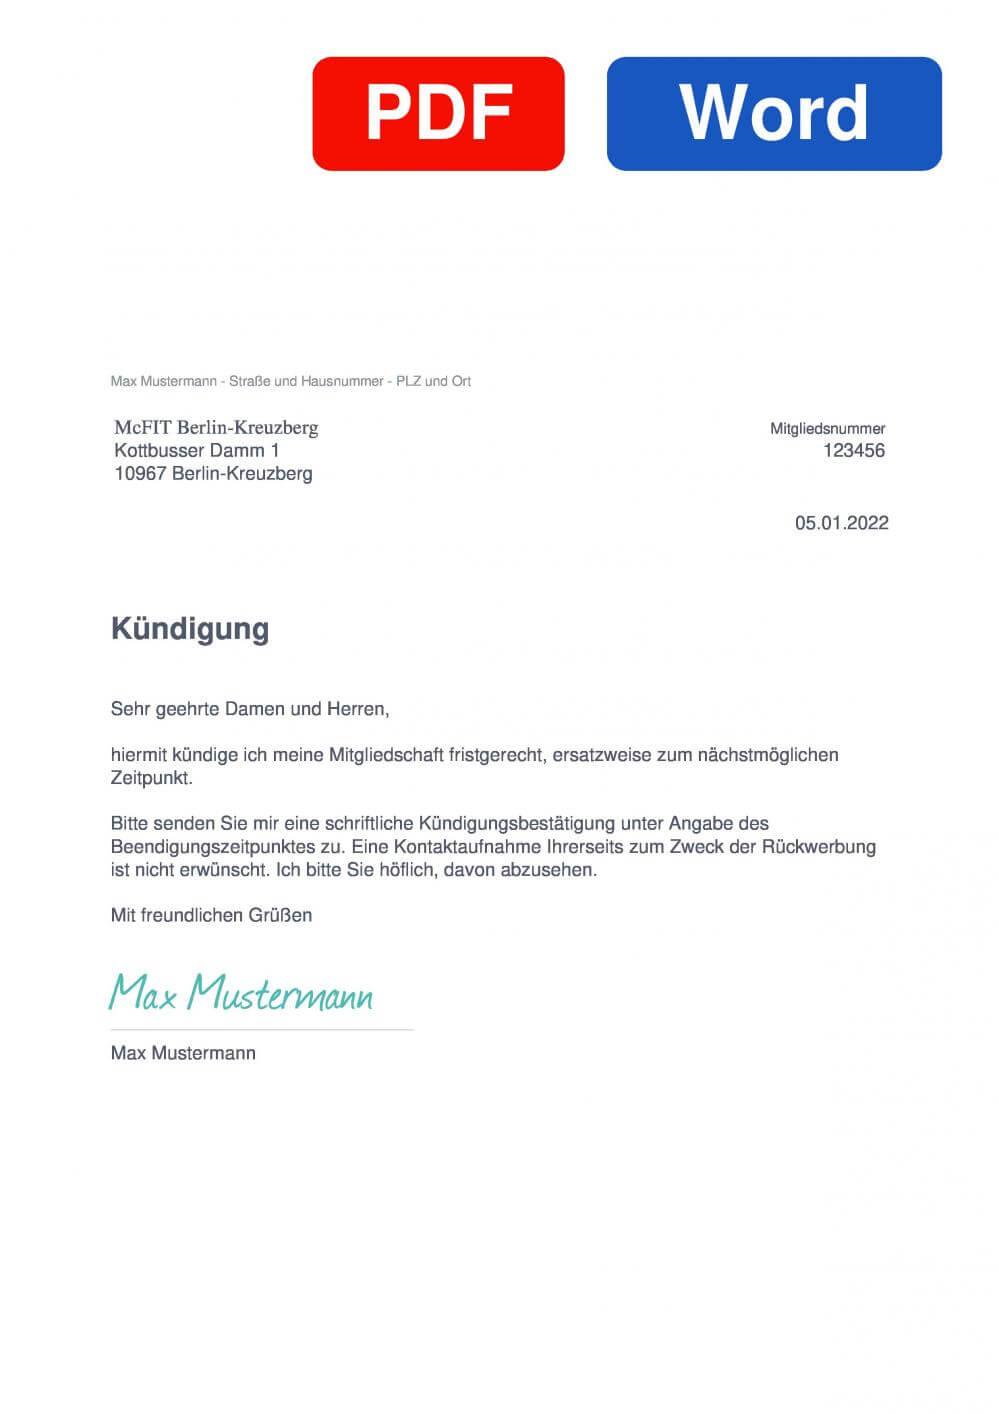 McFIT Berlin-Kreuzberg Muster Vorlage für Kündigungsschreiben